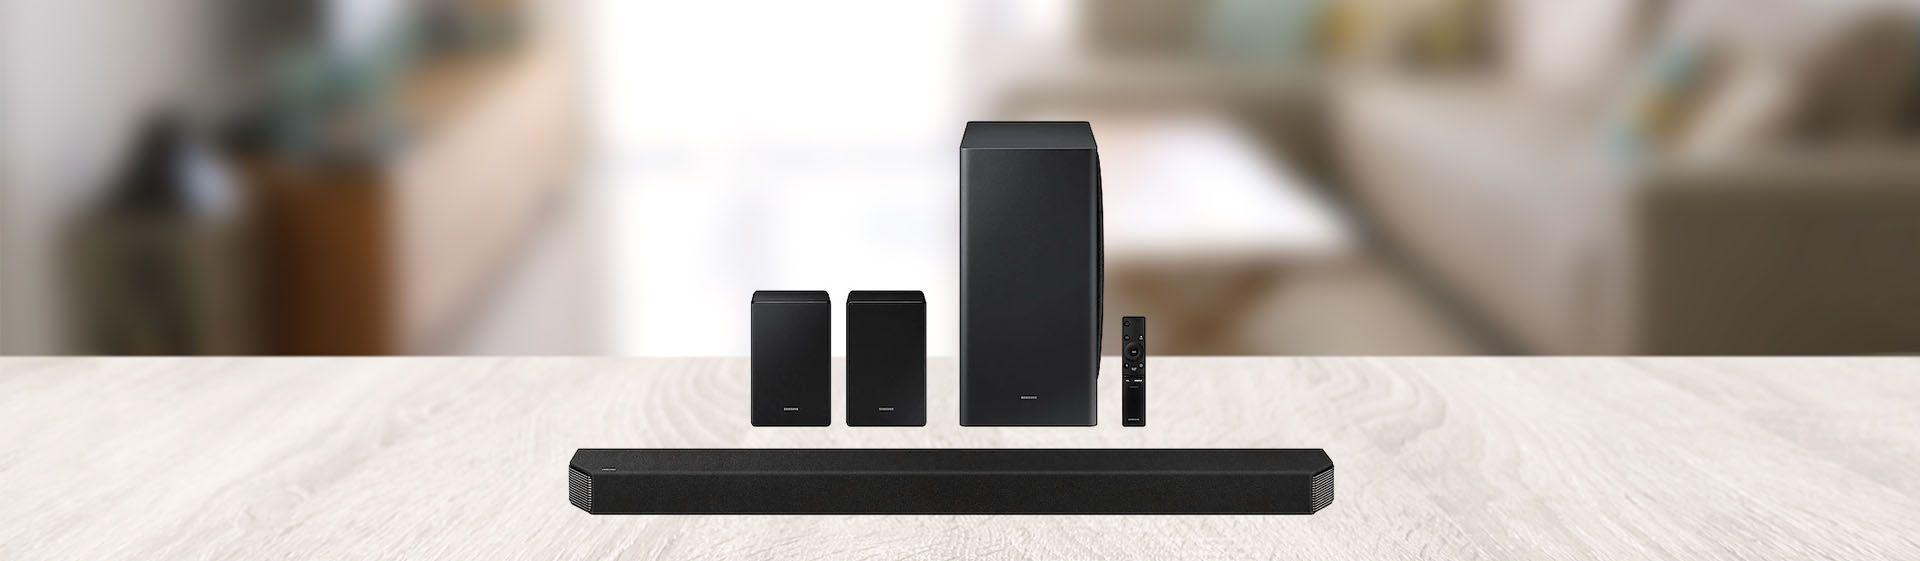 Soundbar Samsung Q950A é boa? Confira a análise desse sistema de som